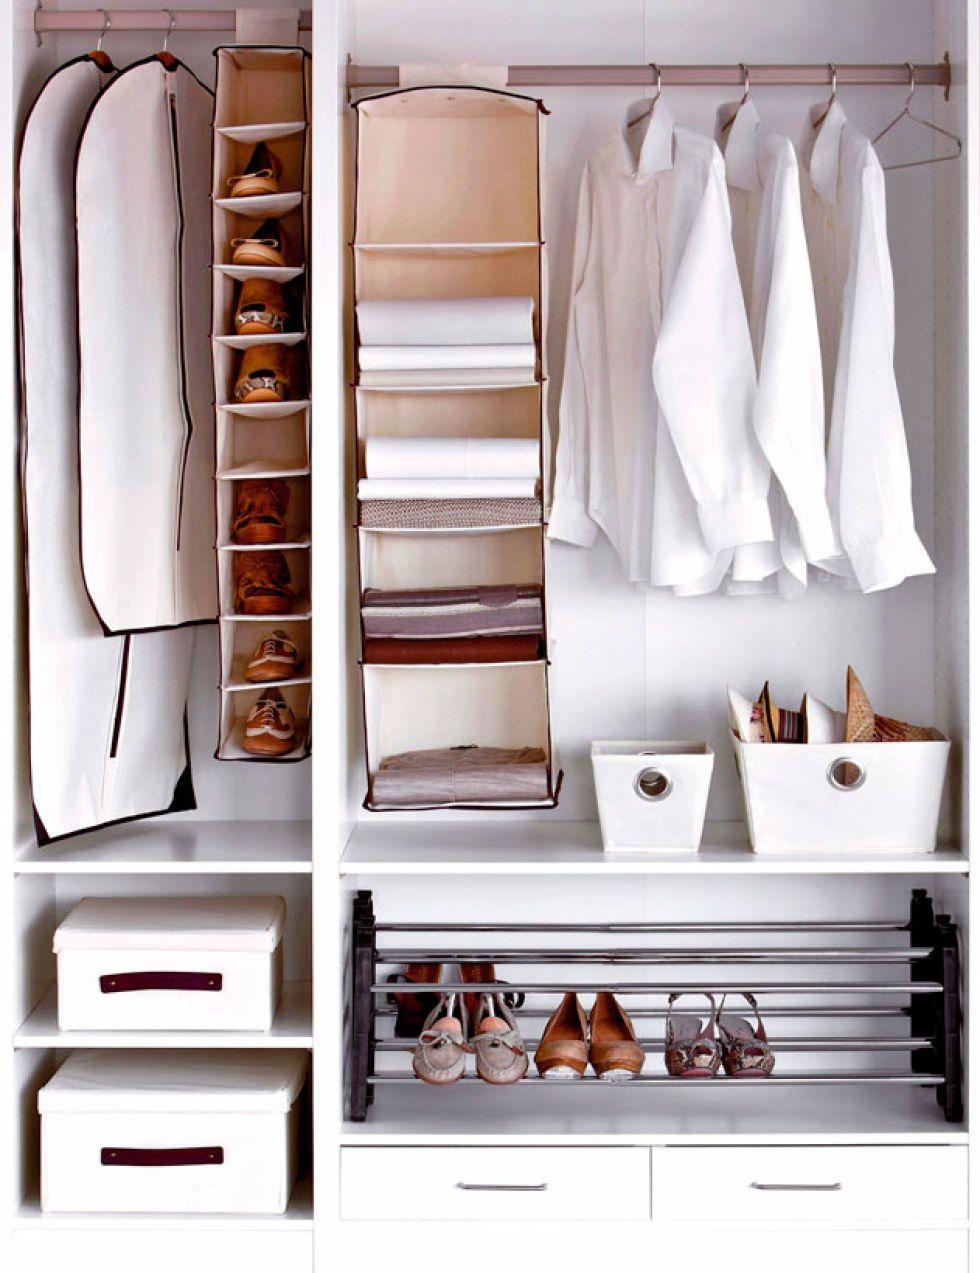 ideas para organizar el armario - Como Organizar Un Armario